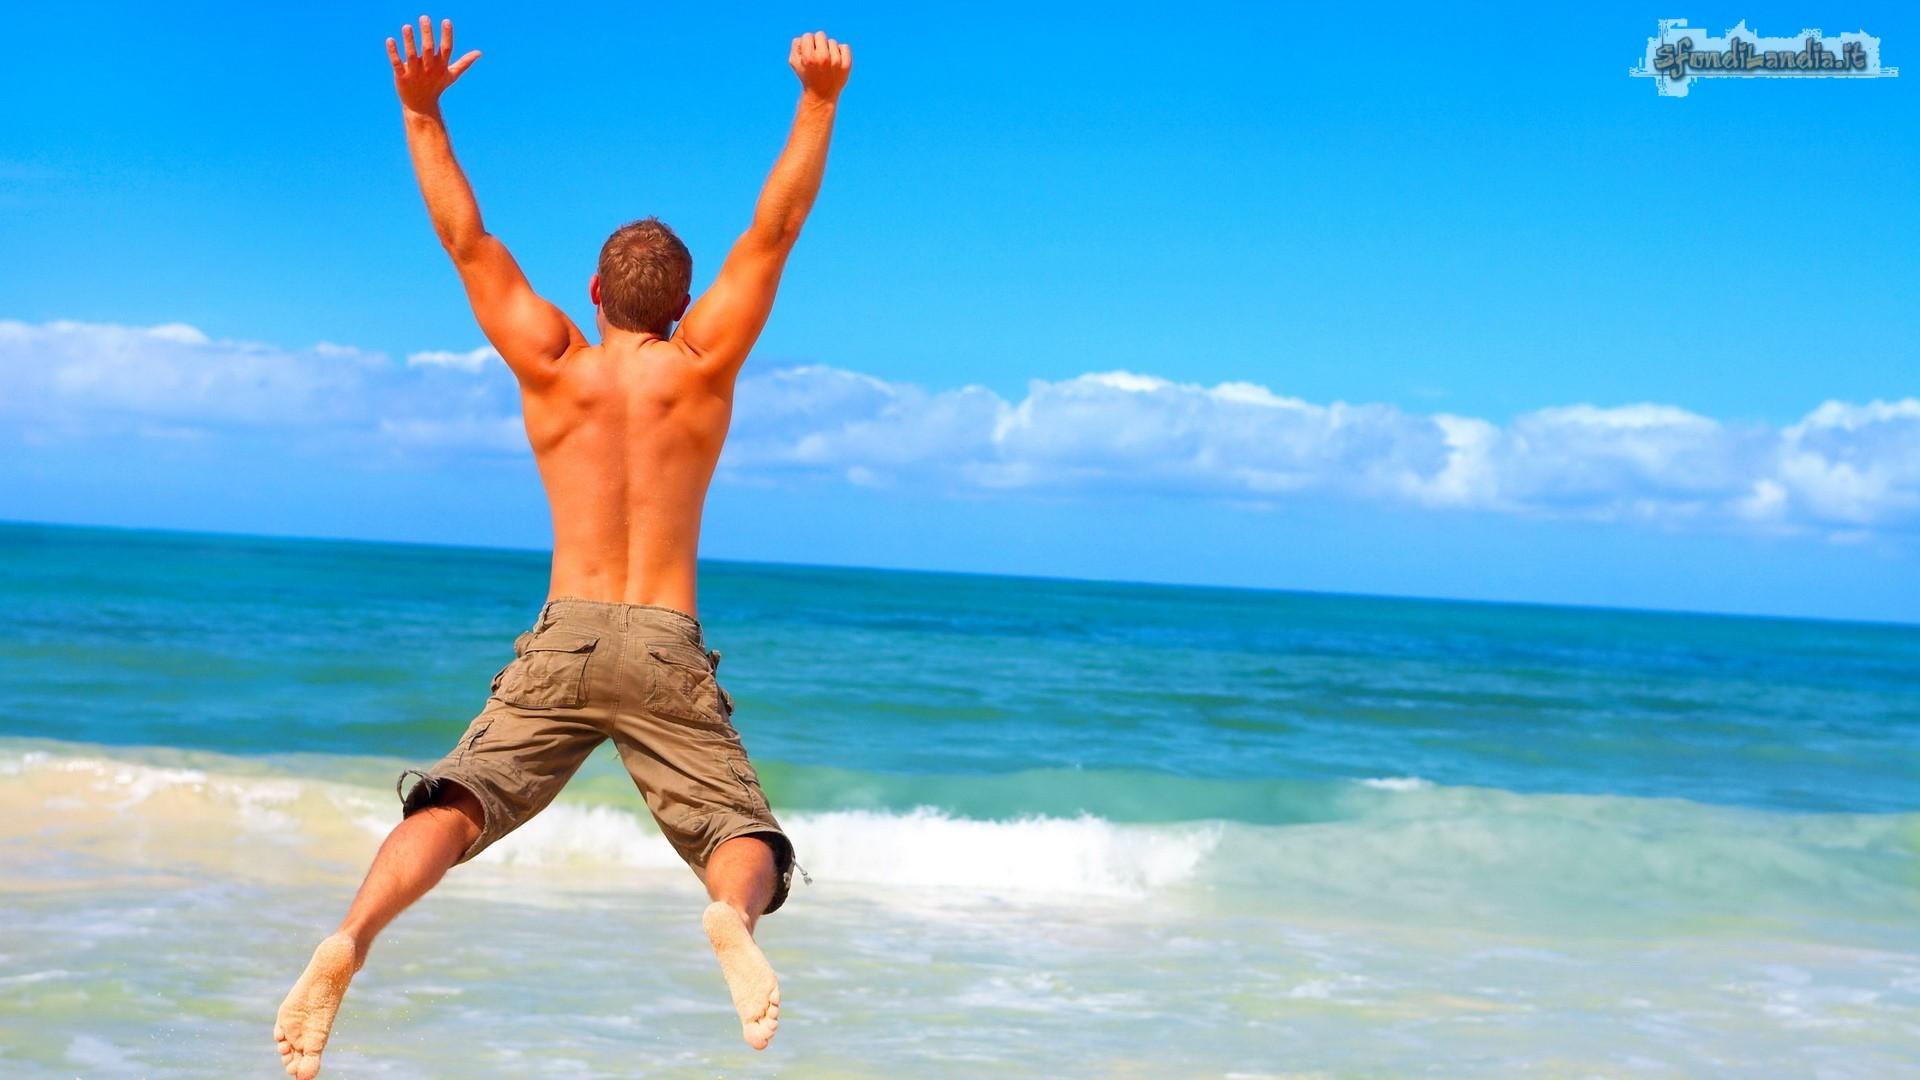 Beach Enjoy